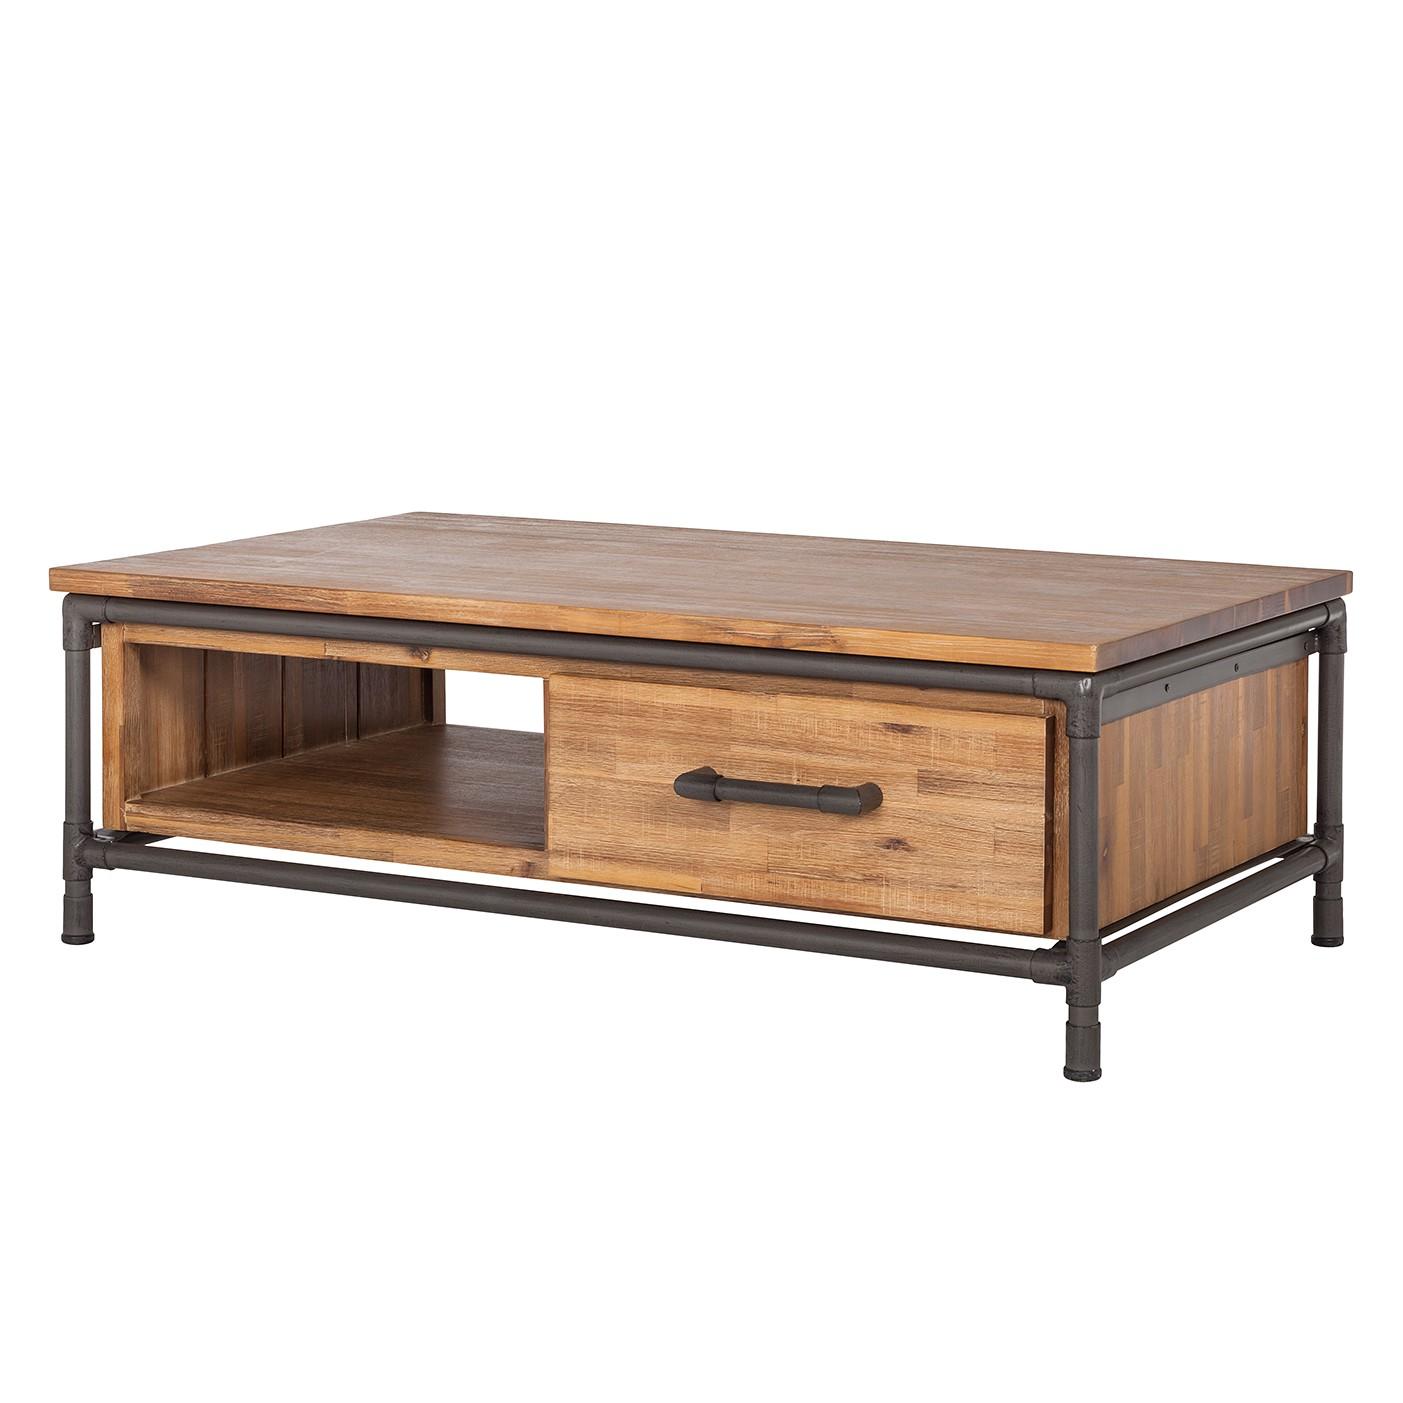 couchtisch akazie stone preisvergleich die besten angebote online kaufen. Black Bedroom Furniture Sets. Home Design Ideas